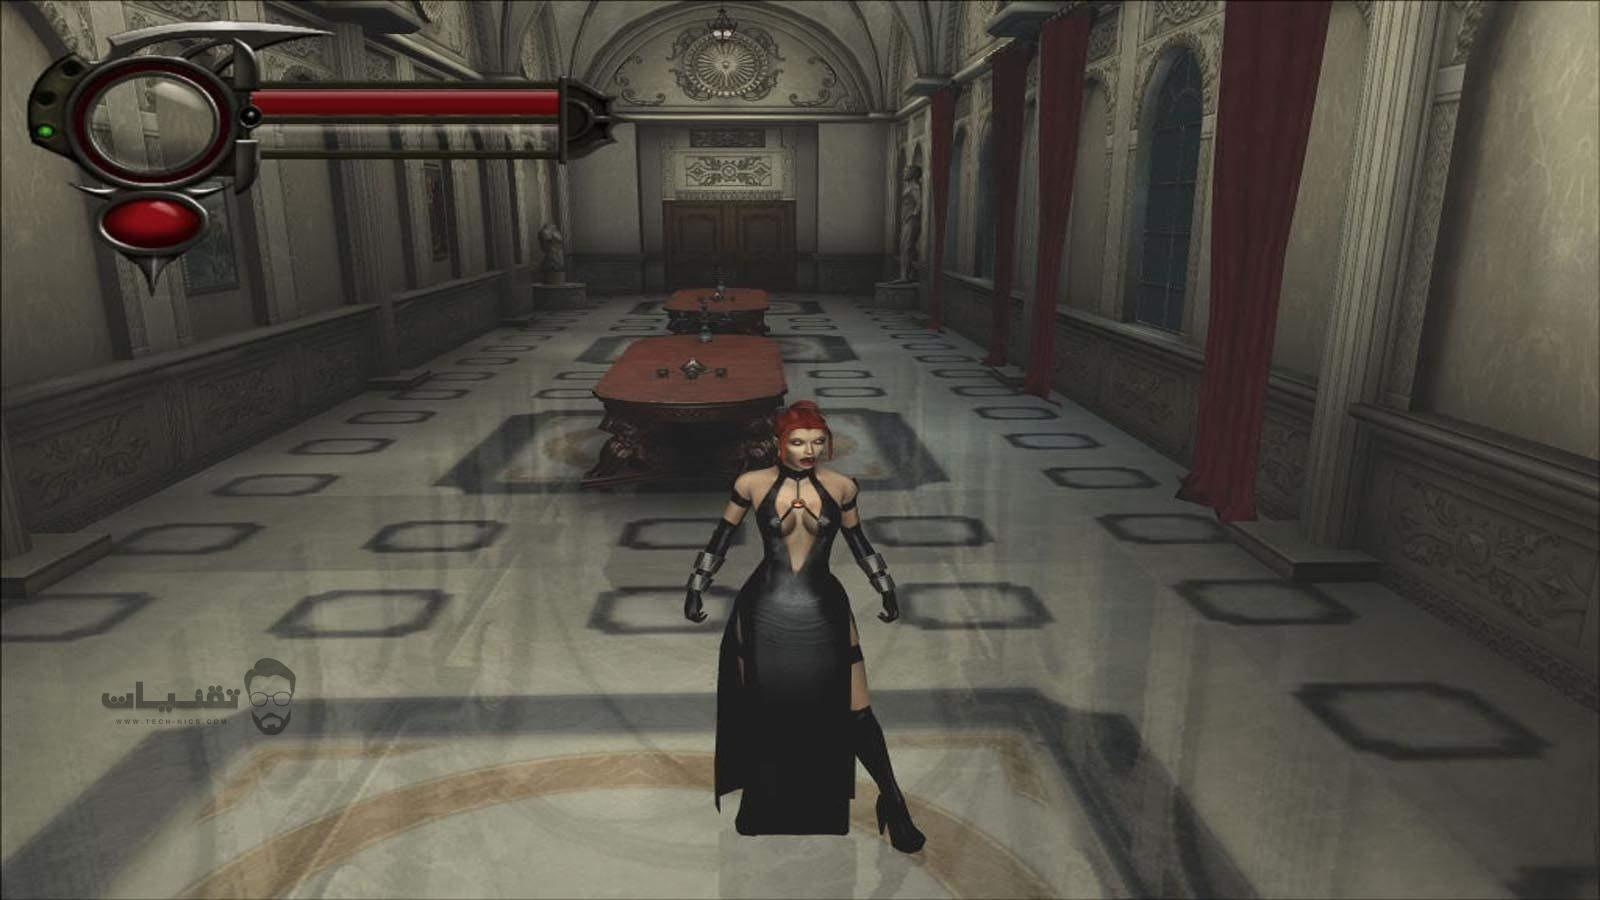 تحميل لعبة BloodRayne للكمبيوتر